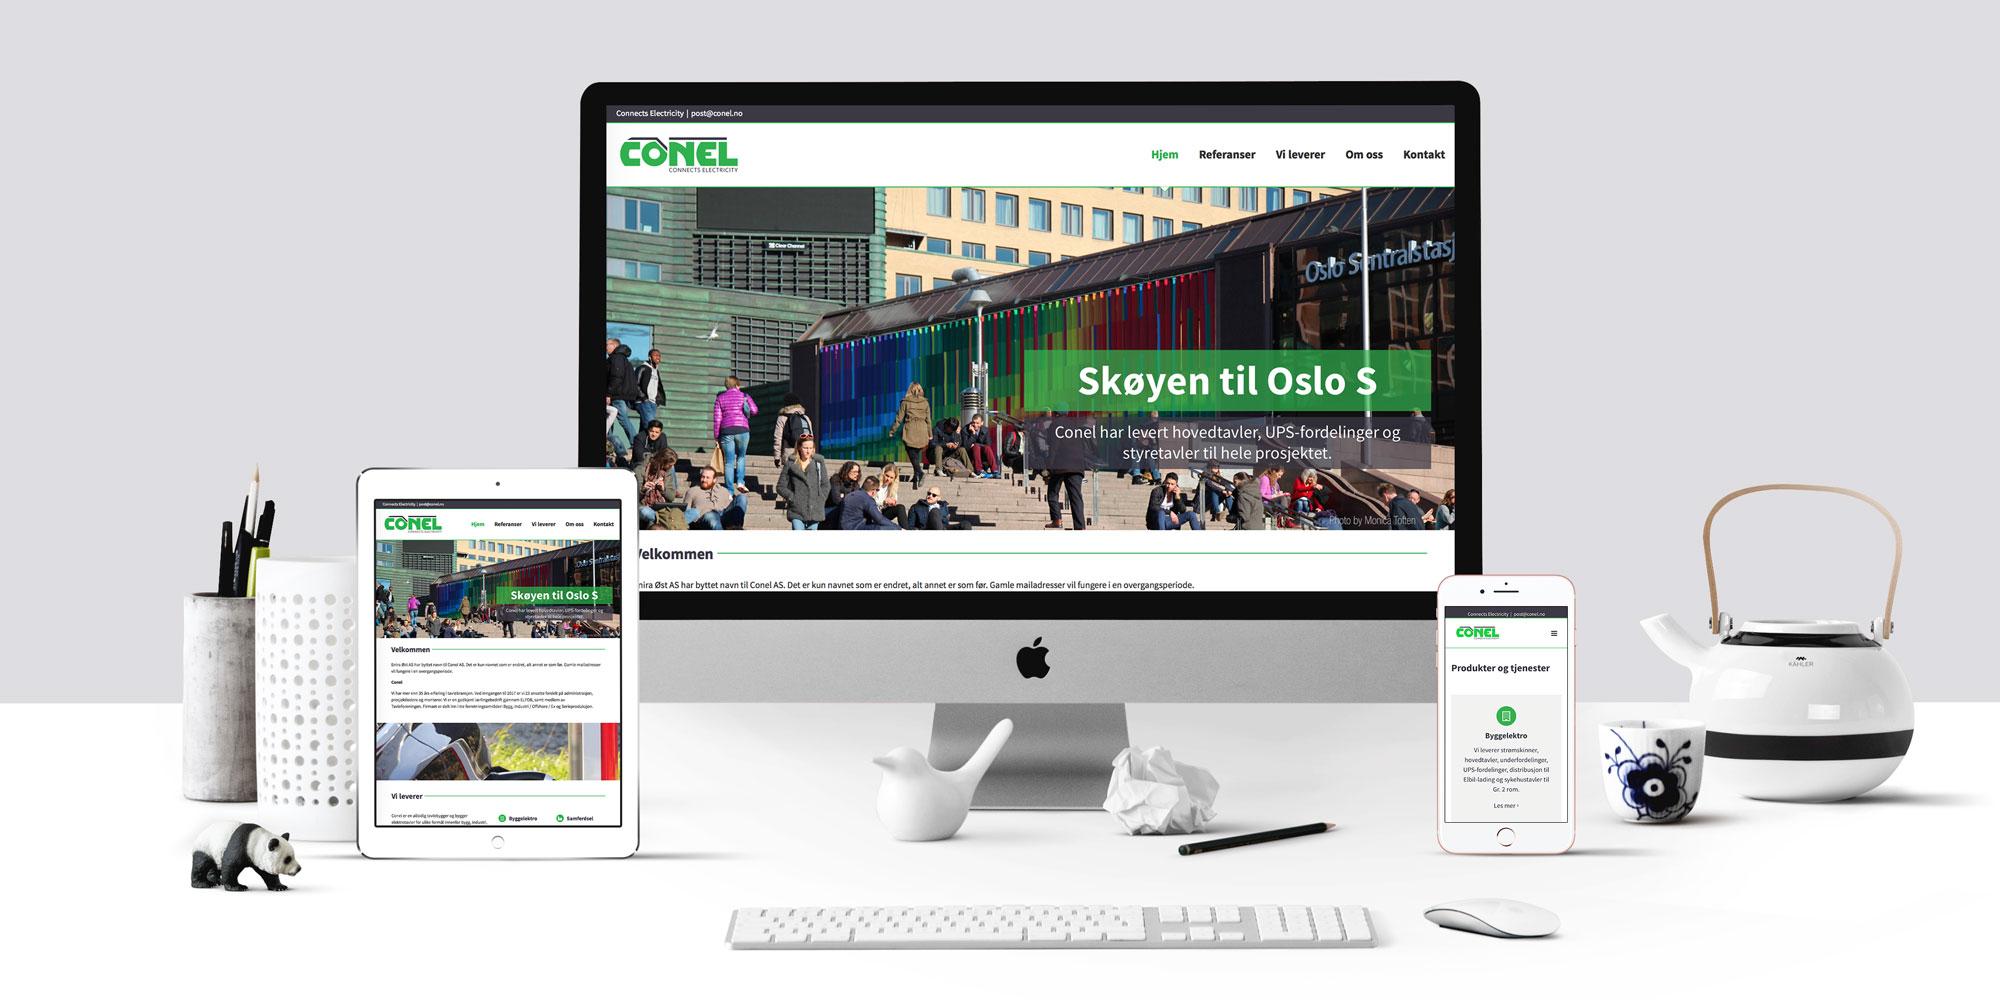 Design av bedriftsidentitet og utvikling av ny nettside for Conel